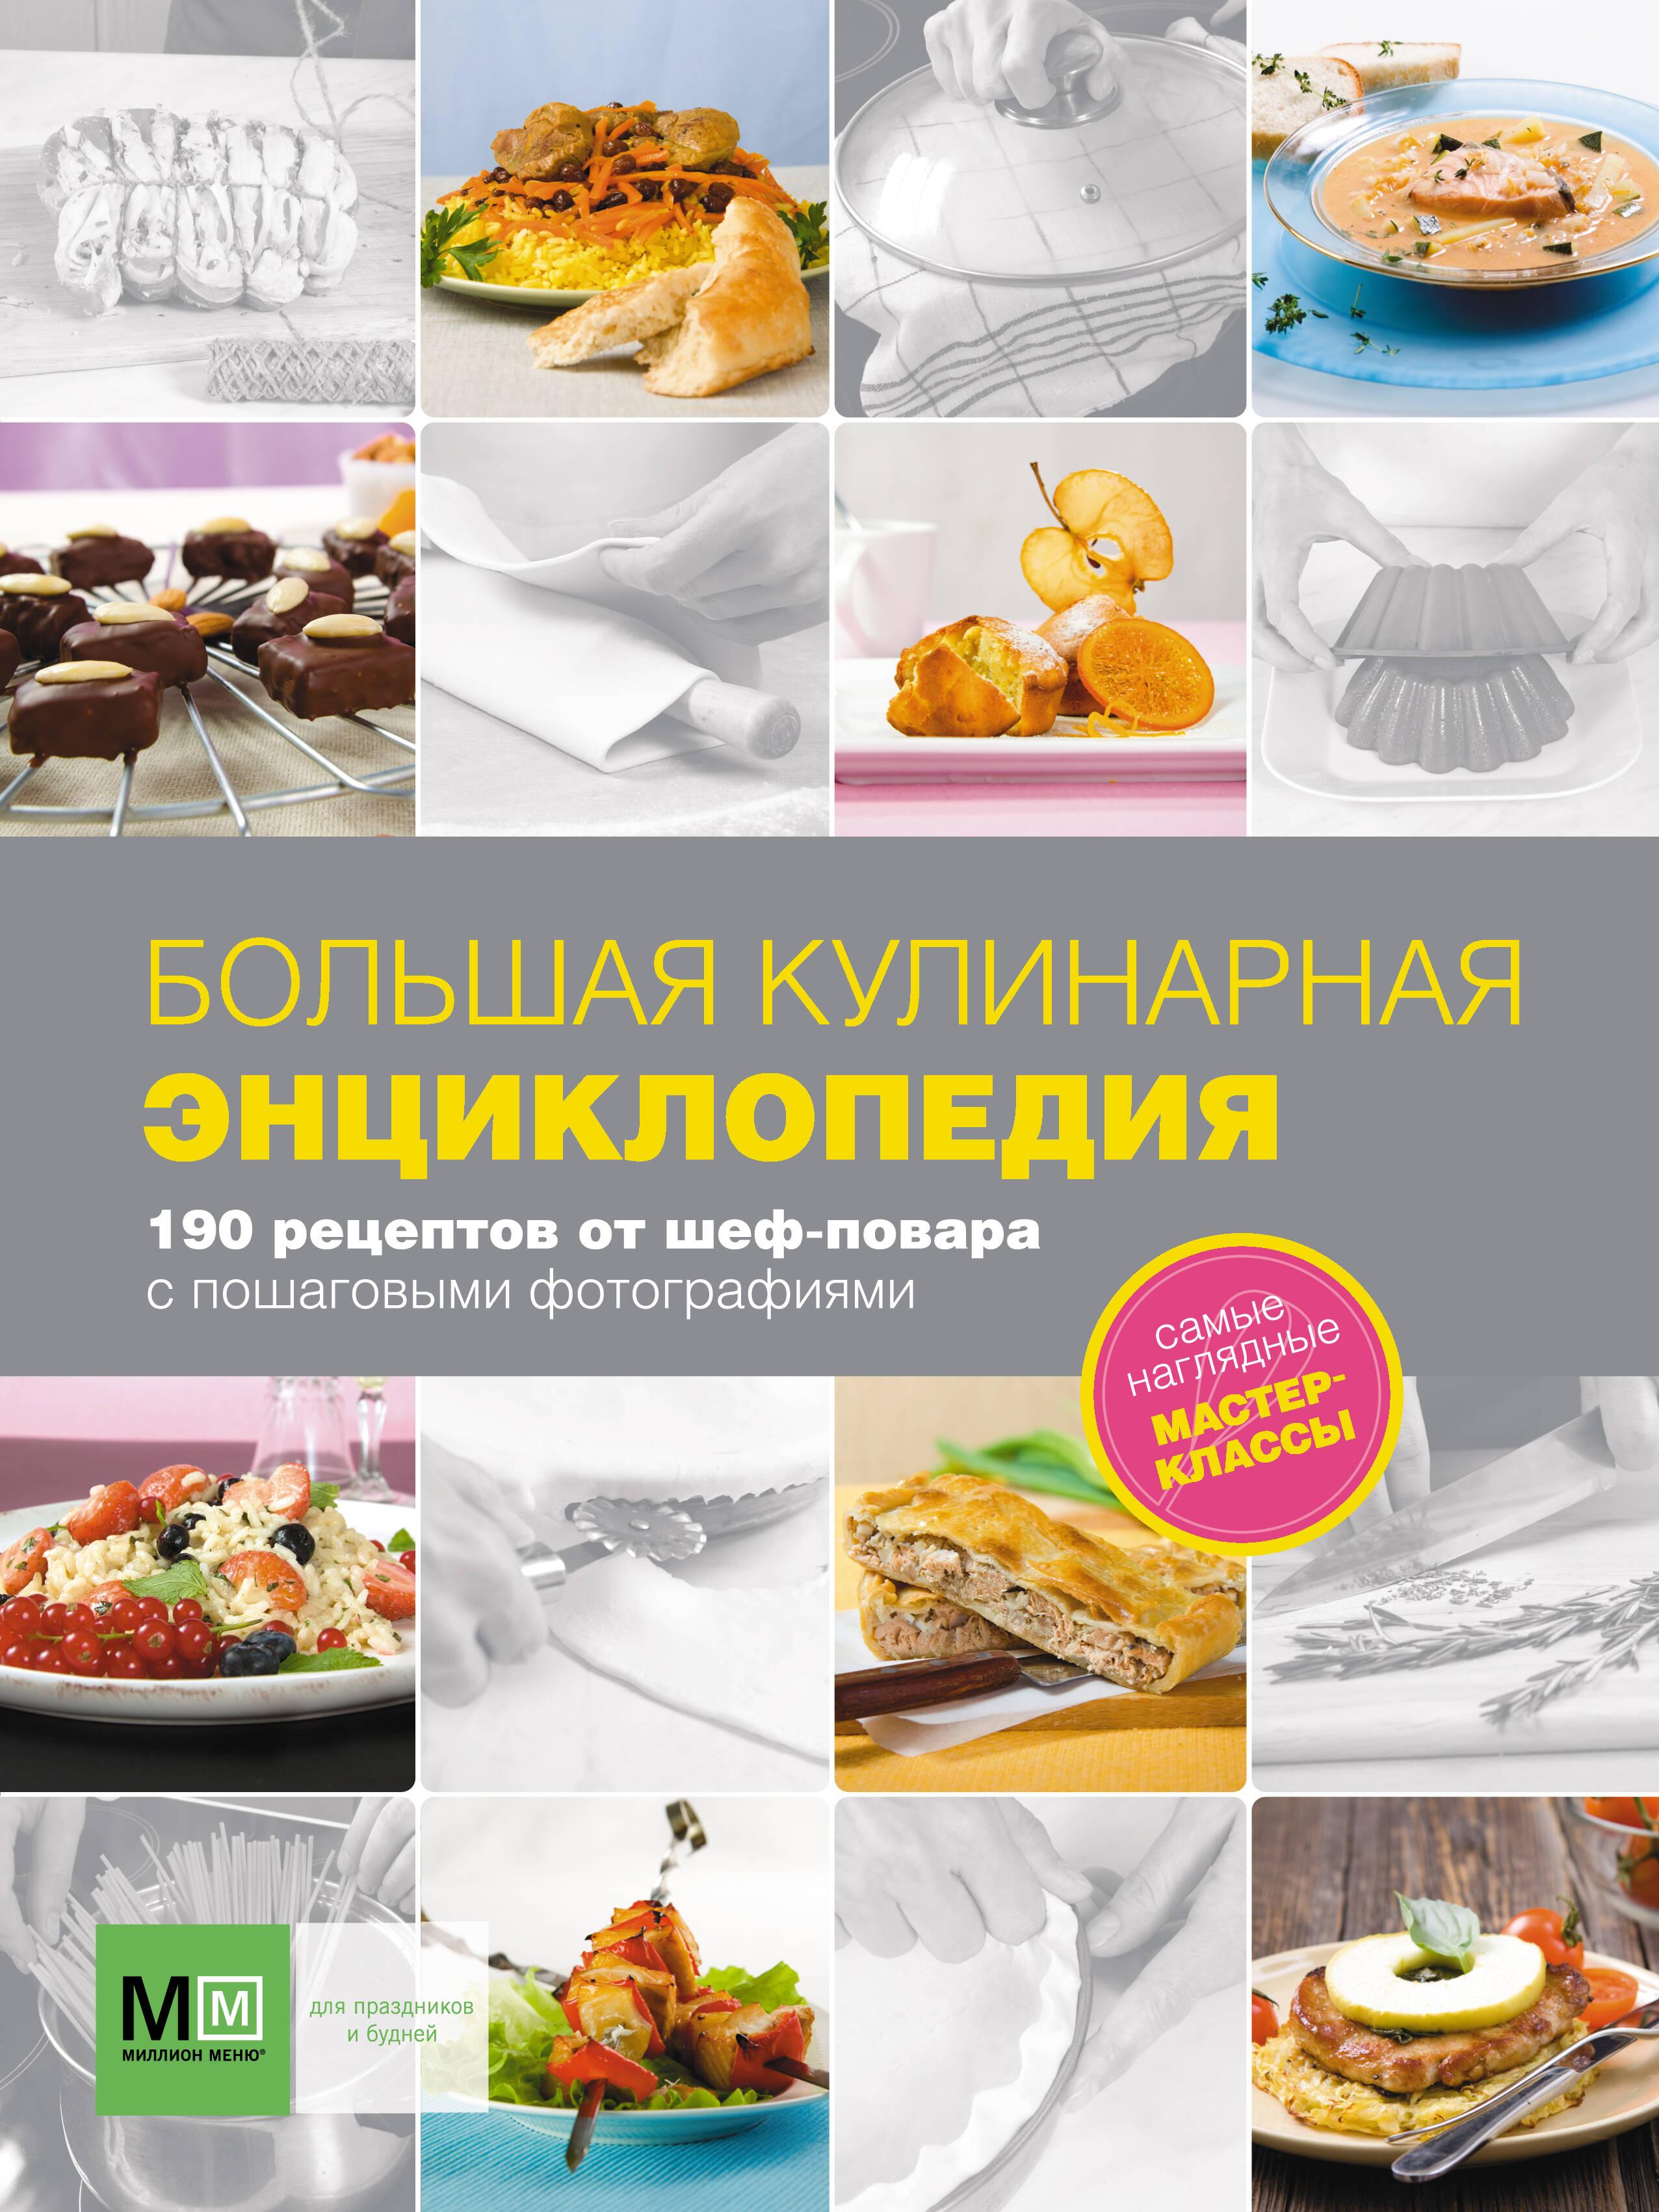 Сайт кулинарных рецептов с пошаговыми фото приготовления